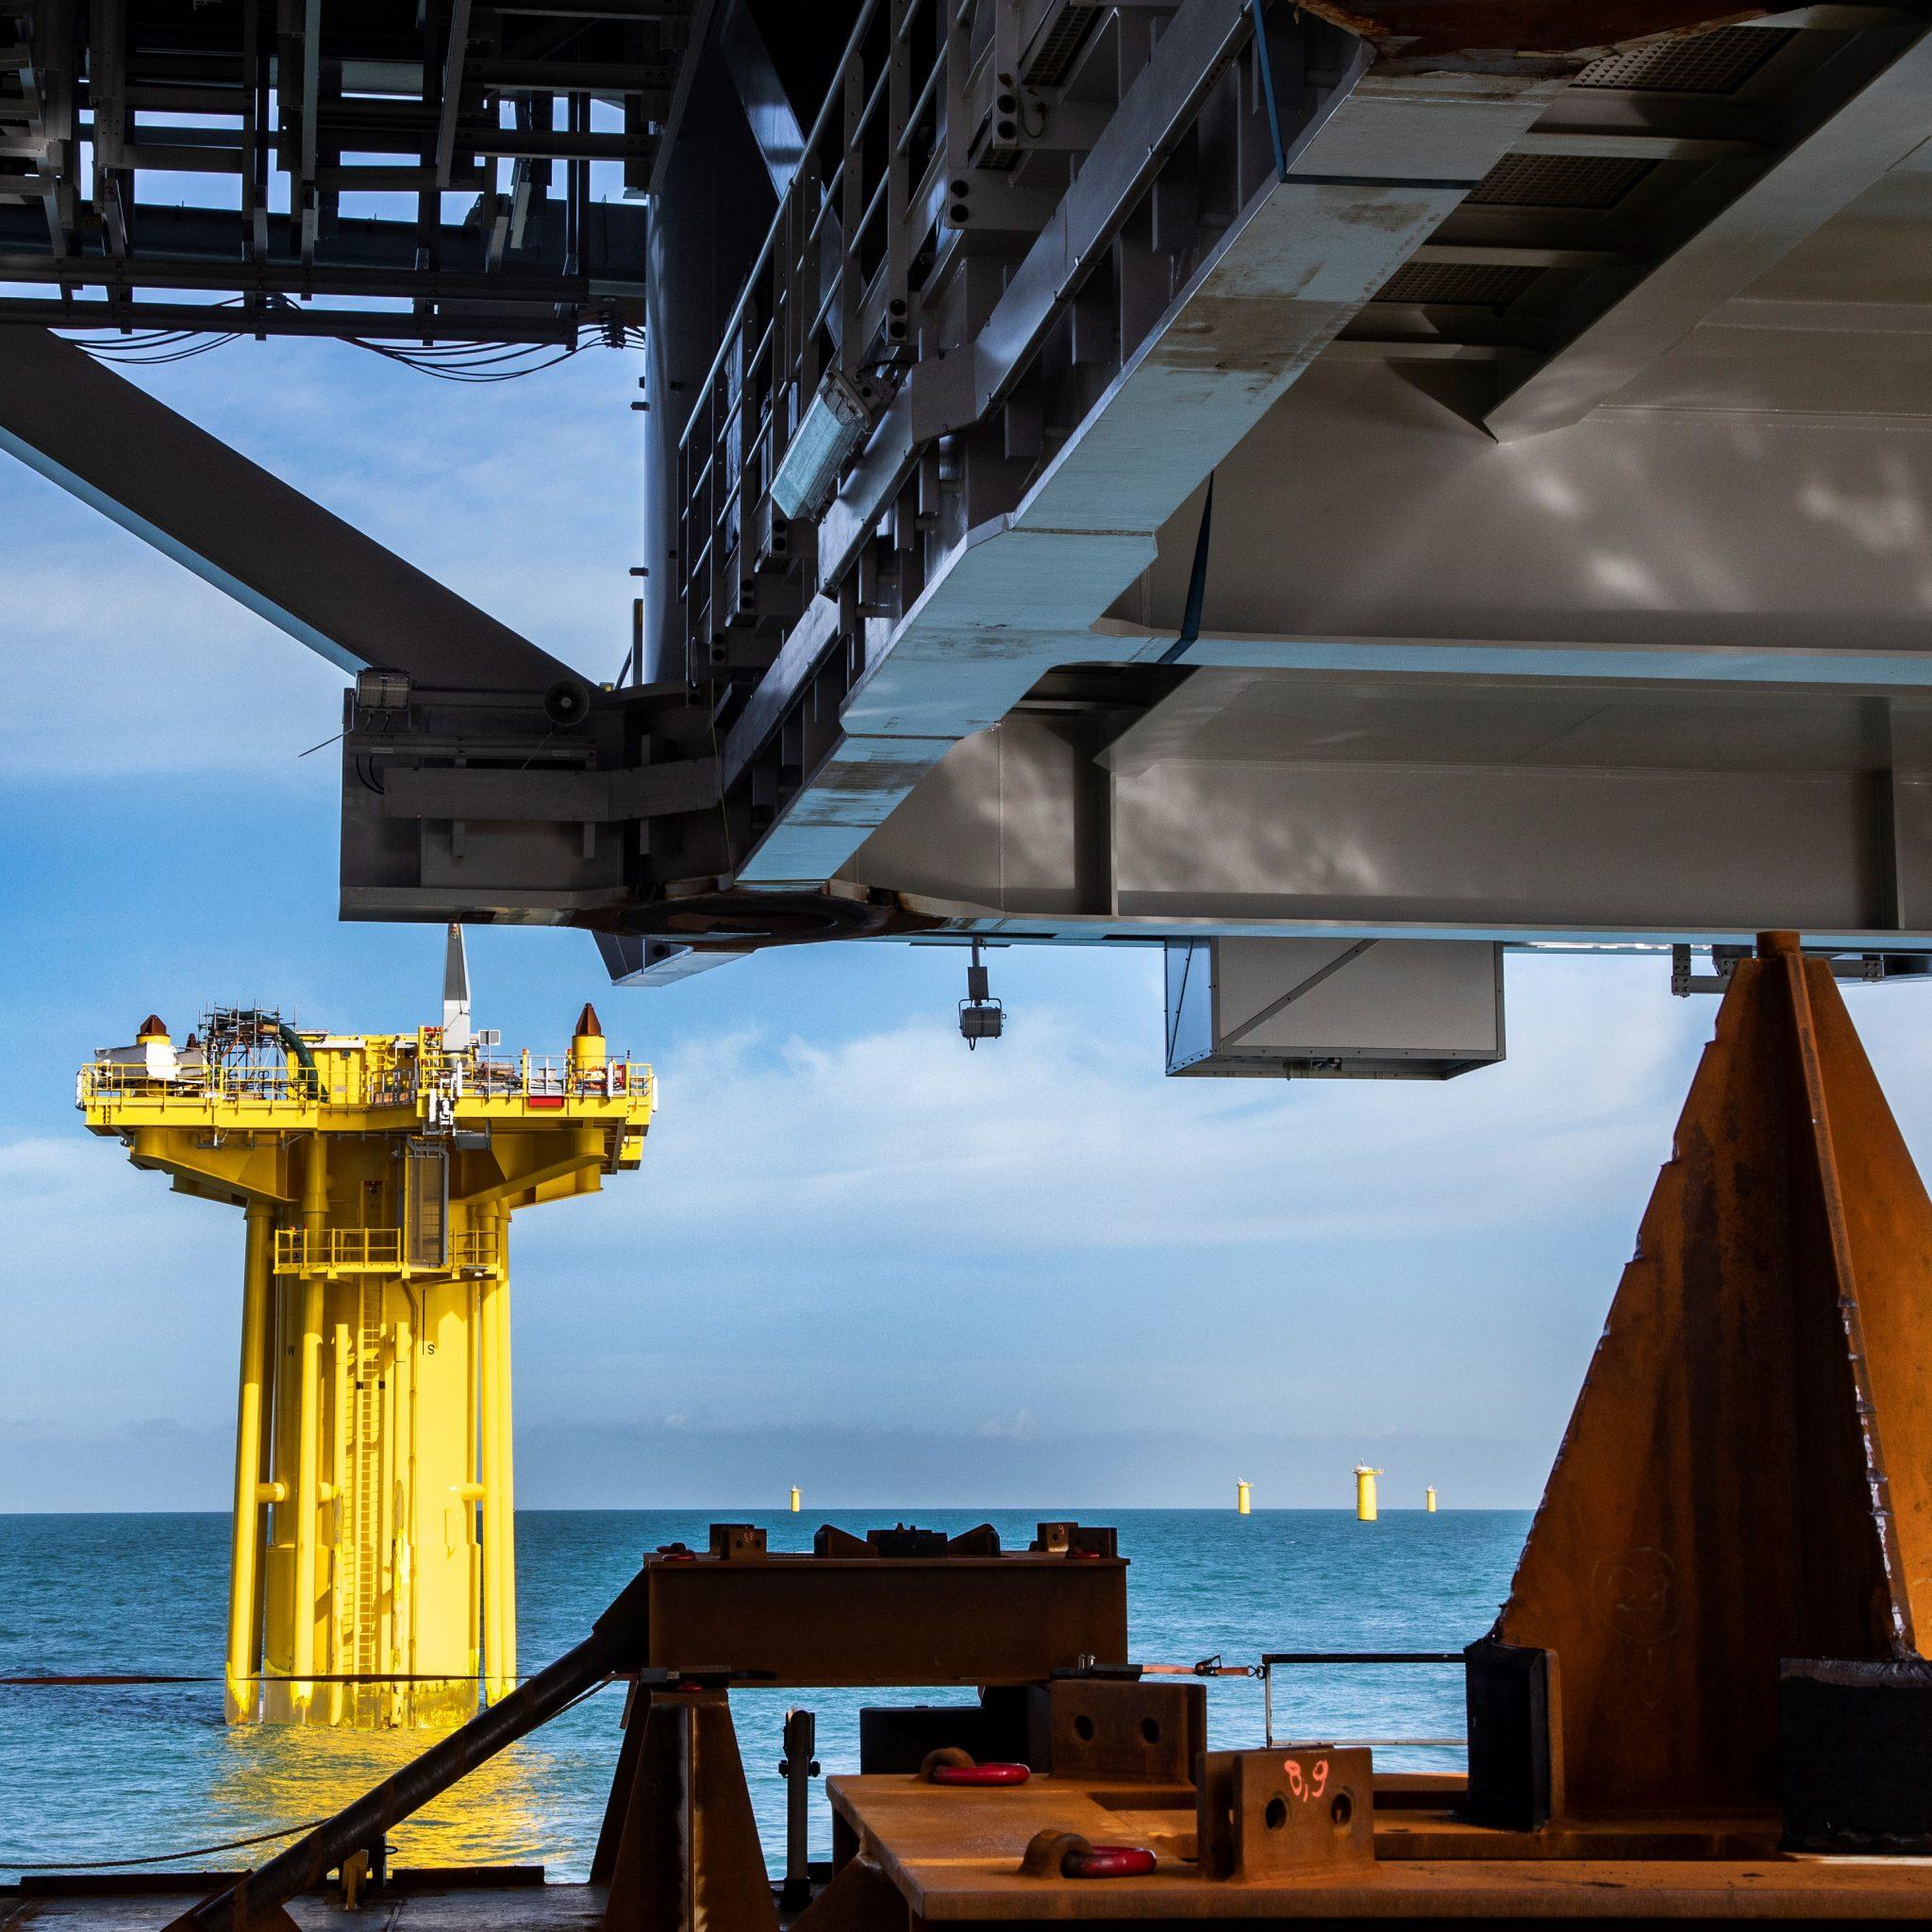 Installatiewerk op zee door DEME Offshore. (Foto: DEME)